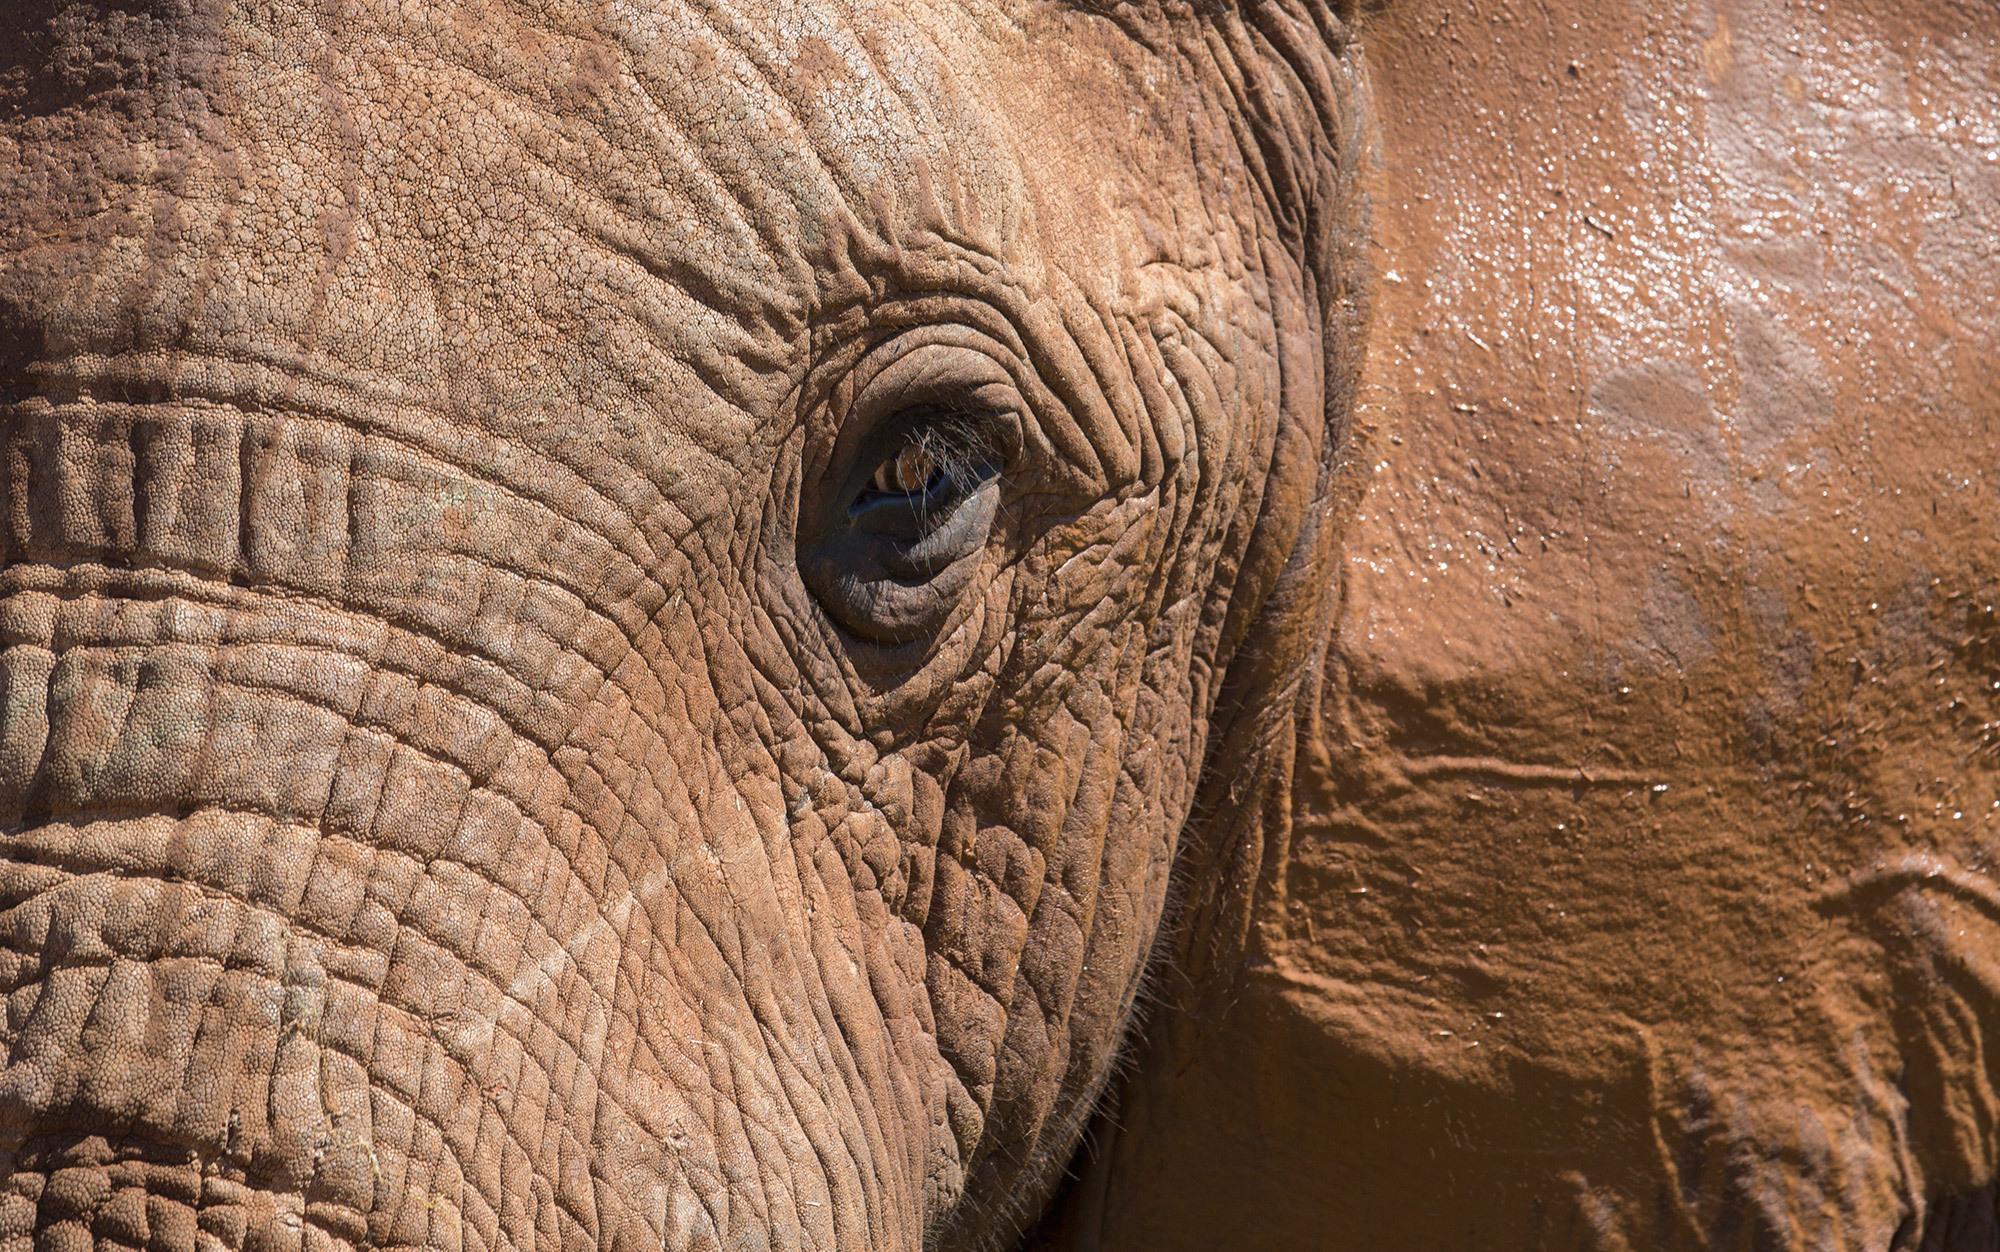 Resultado de imagem para The elephant as a person Photo by Robert Postma/Design Pics/National Geographic